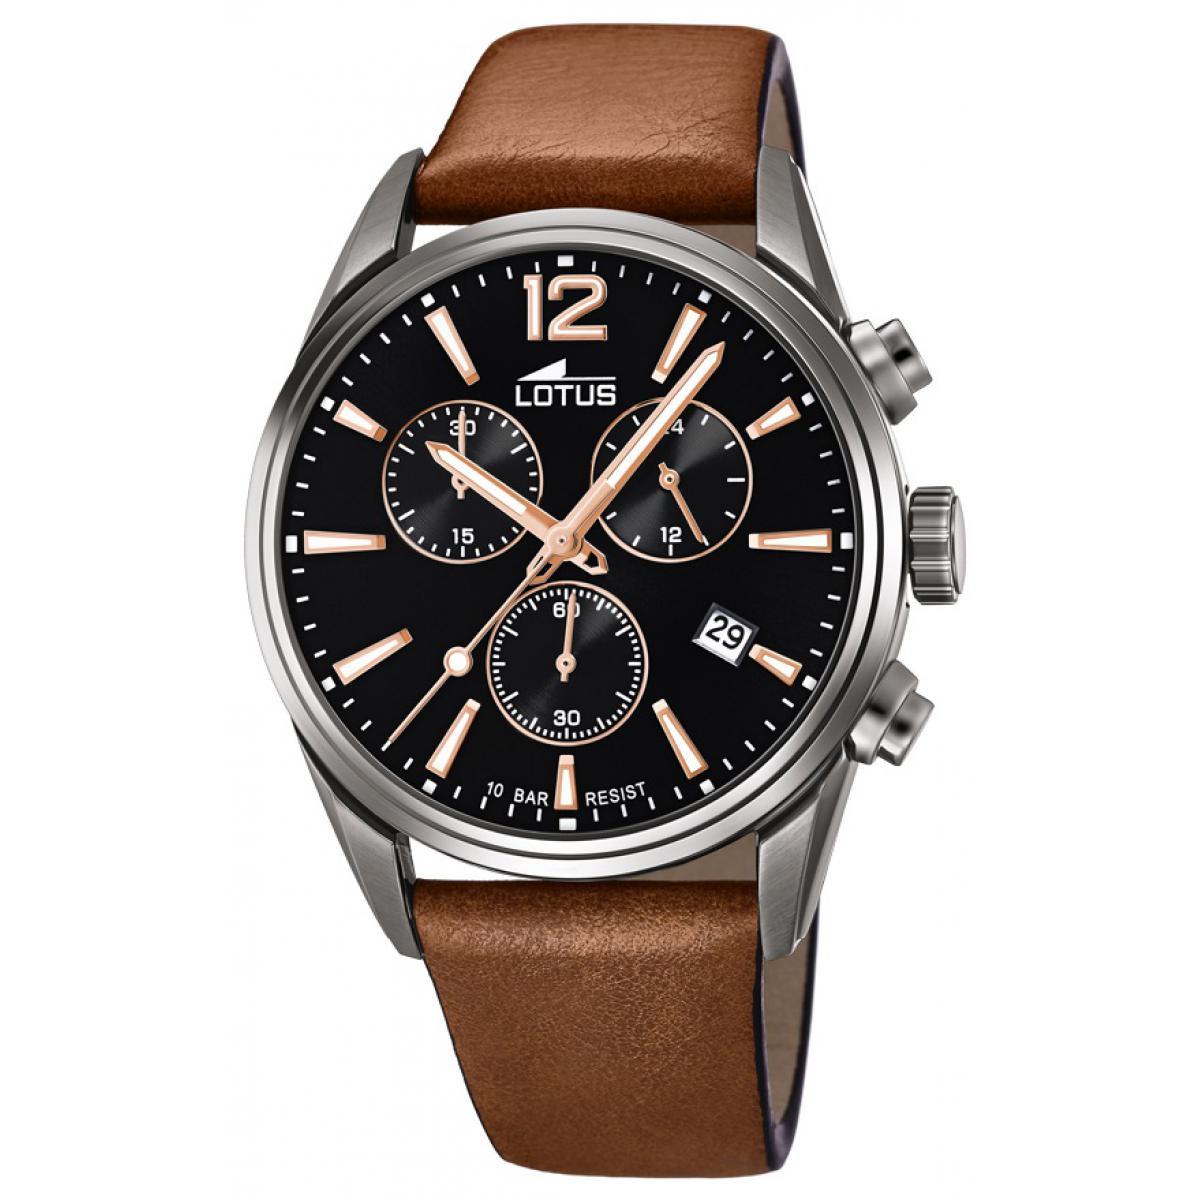 montre lotus l18683 2 chrono dateur chronographe bracelet cuir marron cadran noir homme